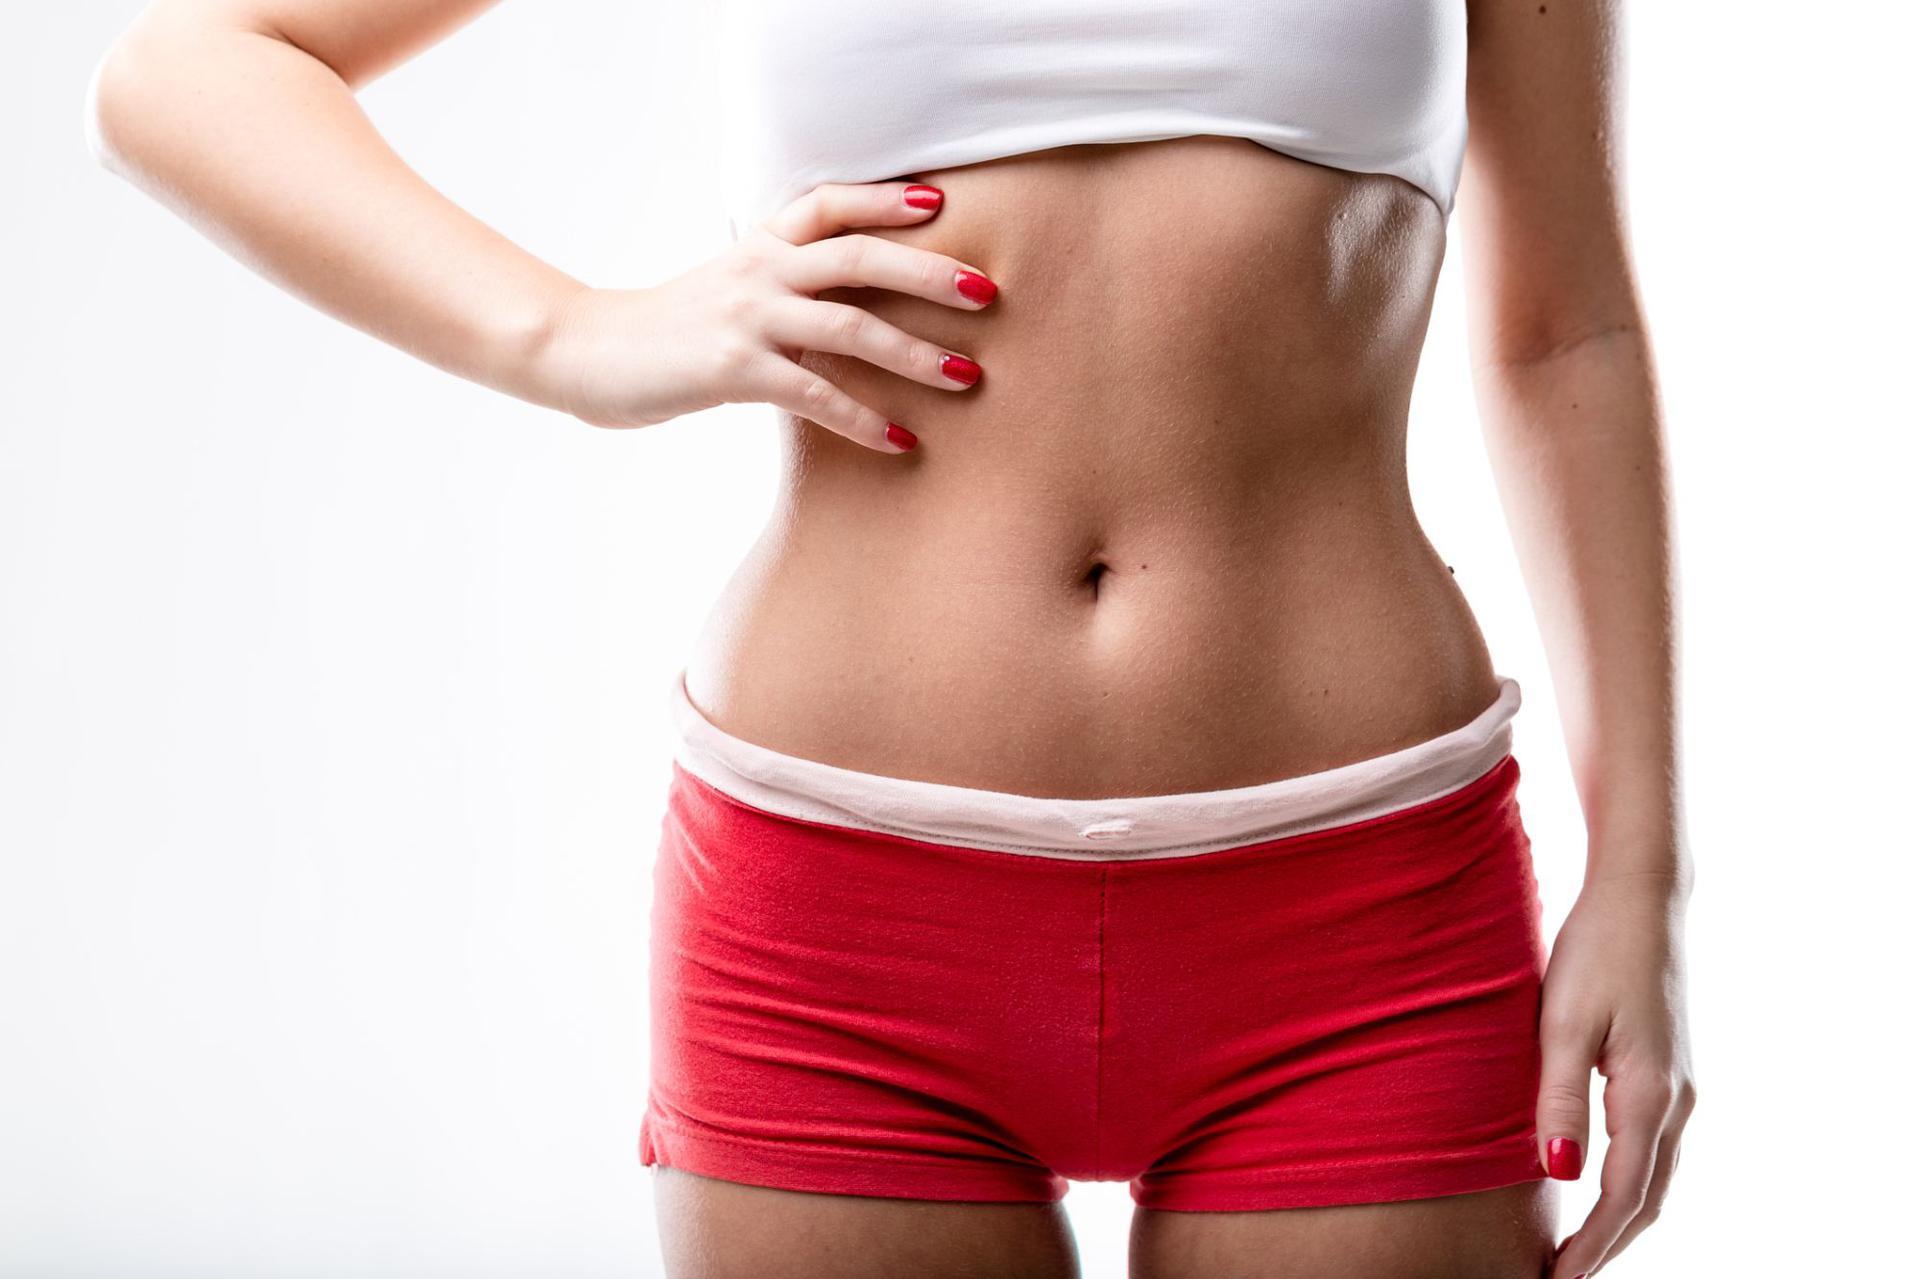 Plaski Brzuch W Tydzien Dieta I Cwiczenia Na 7 Dni Wformie24 Pl